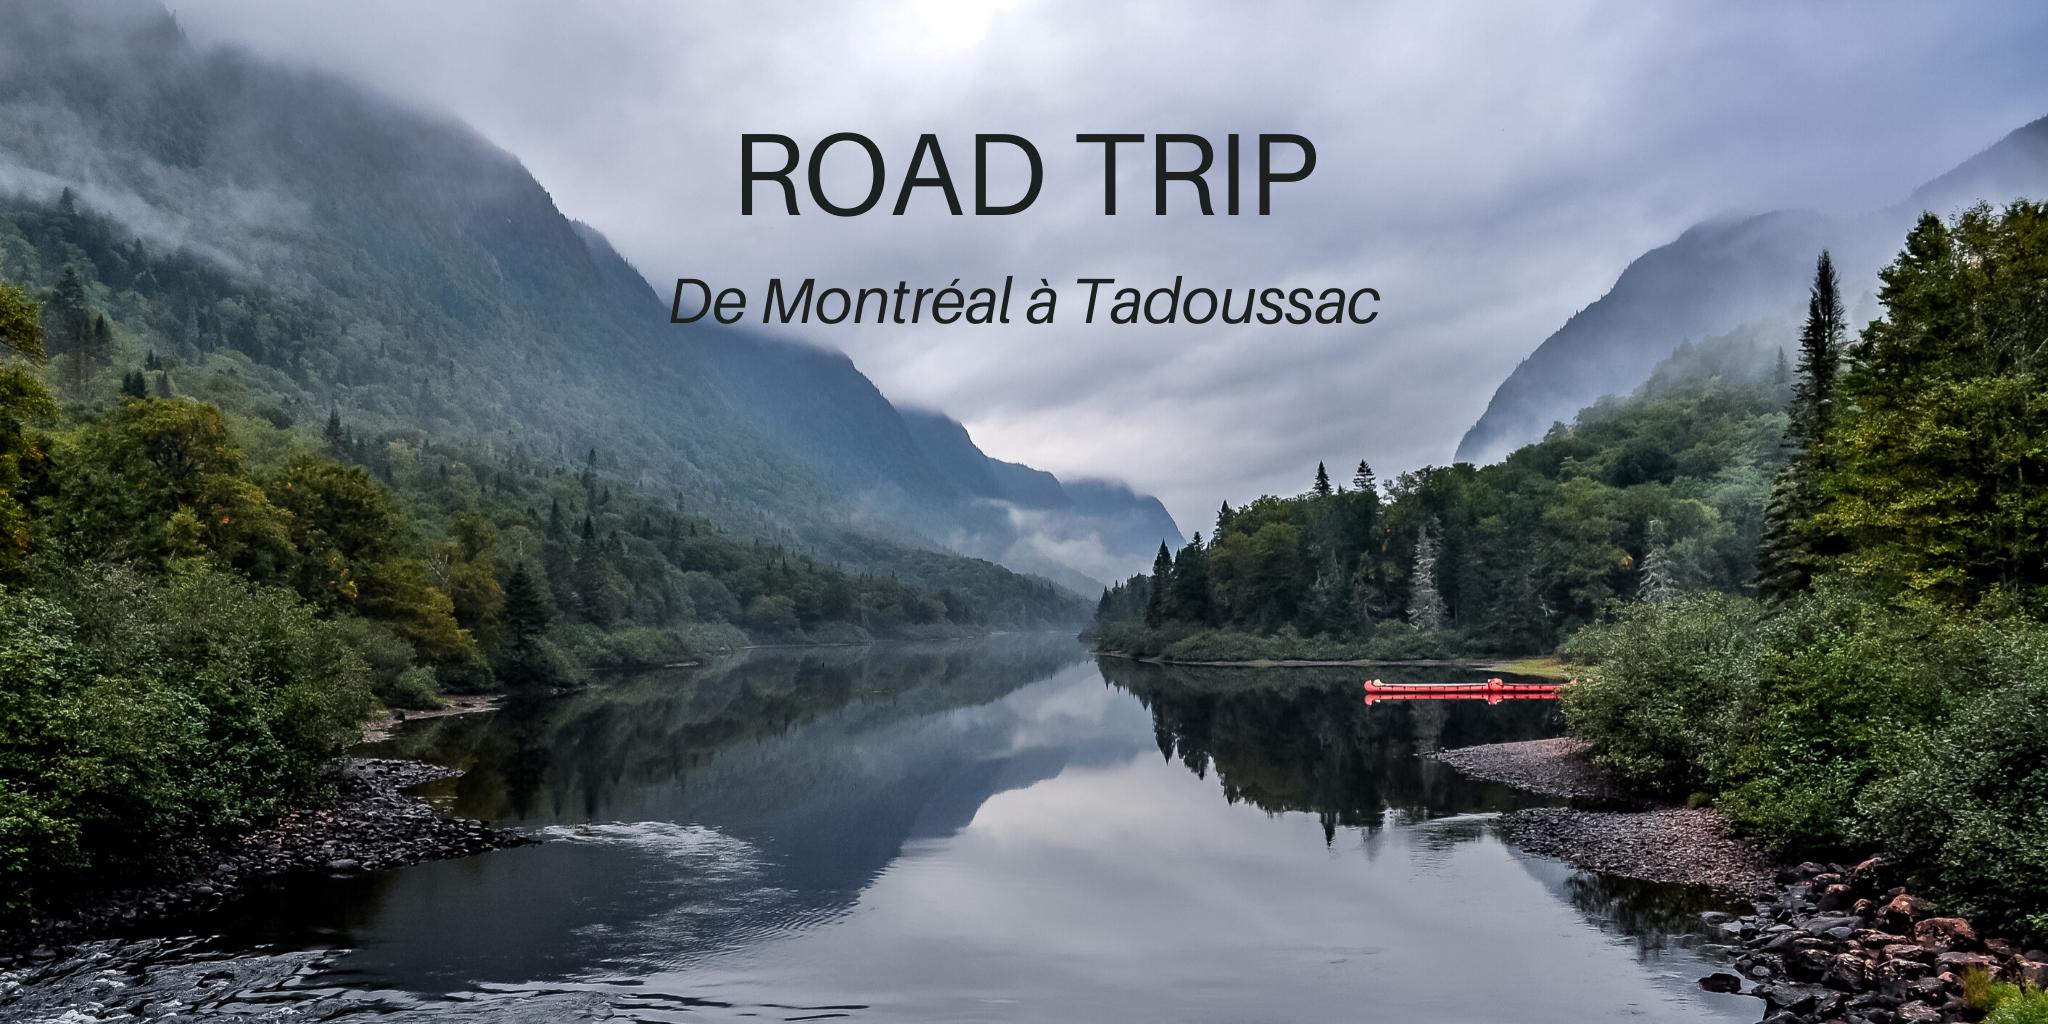 Jacques Cartier road trip